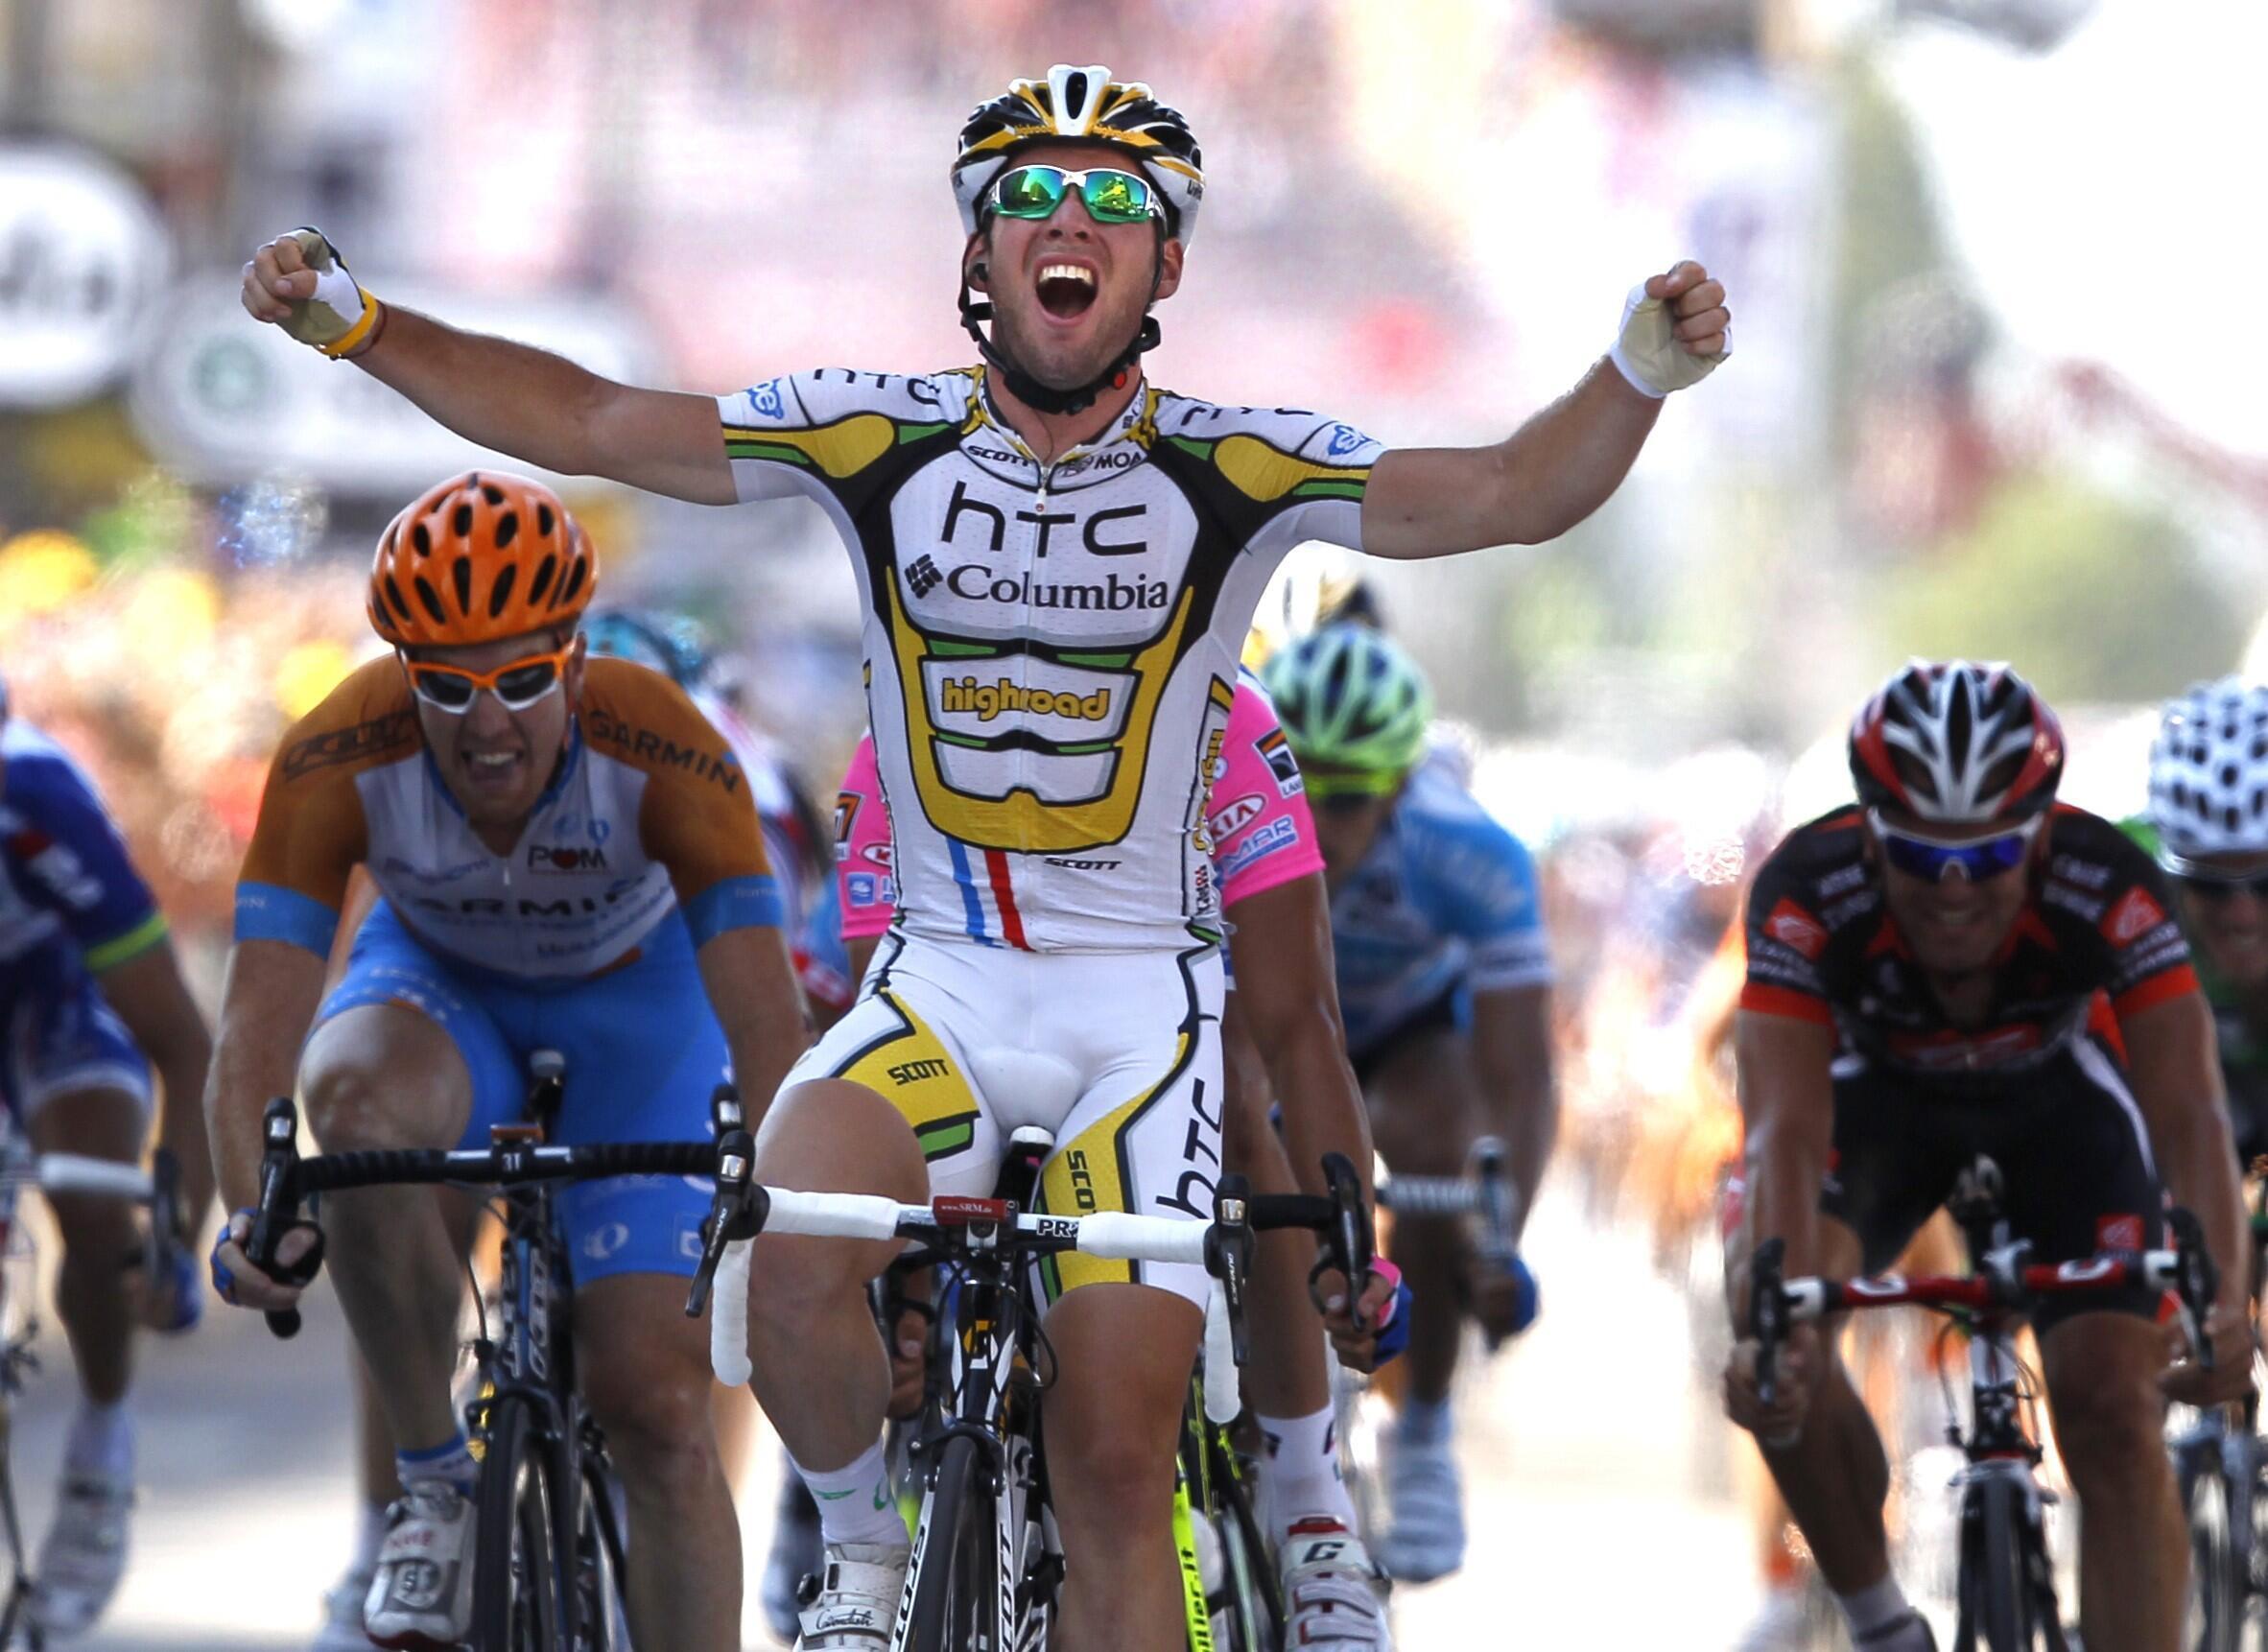 Марк Кавендиш - первый на 11-м этапе Тур де Франс